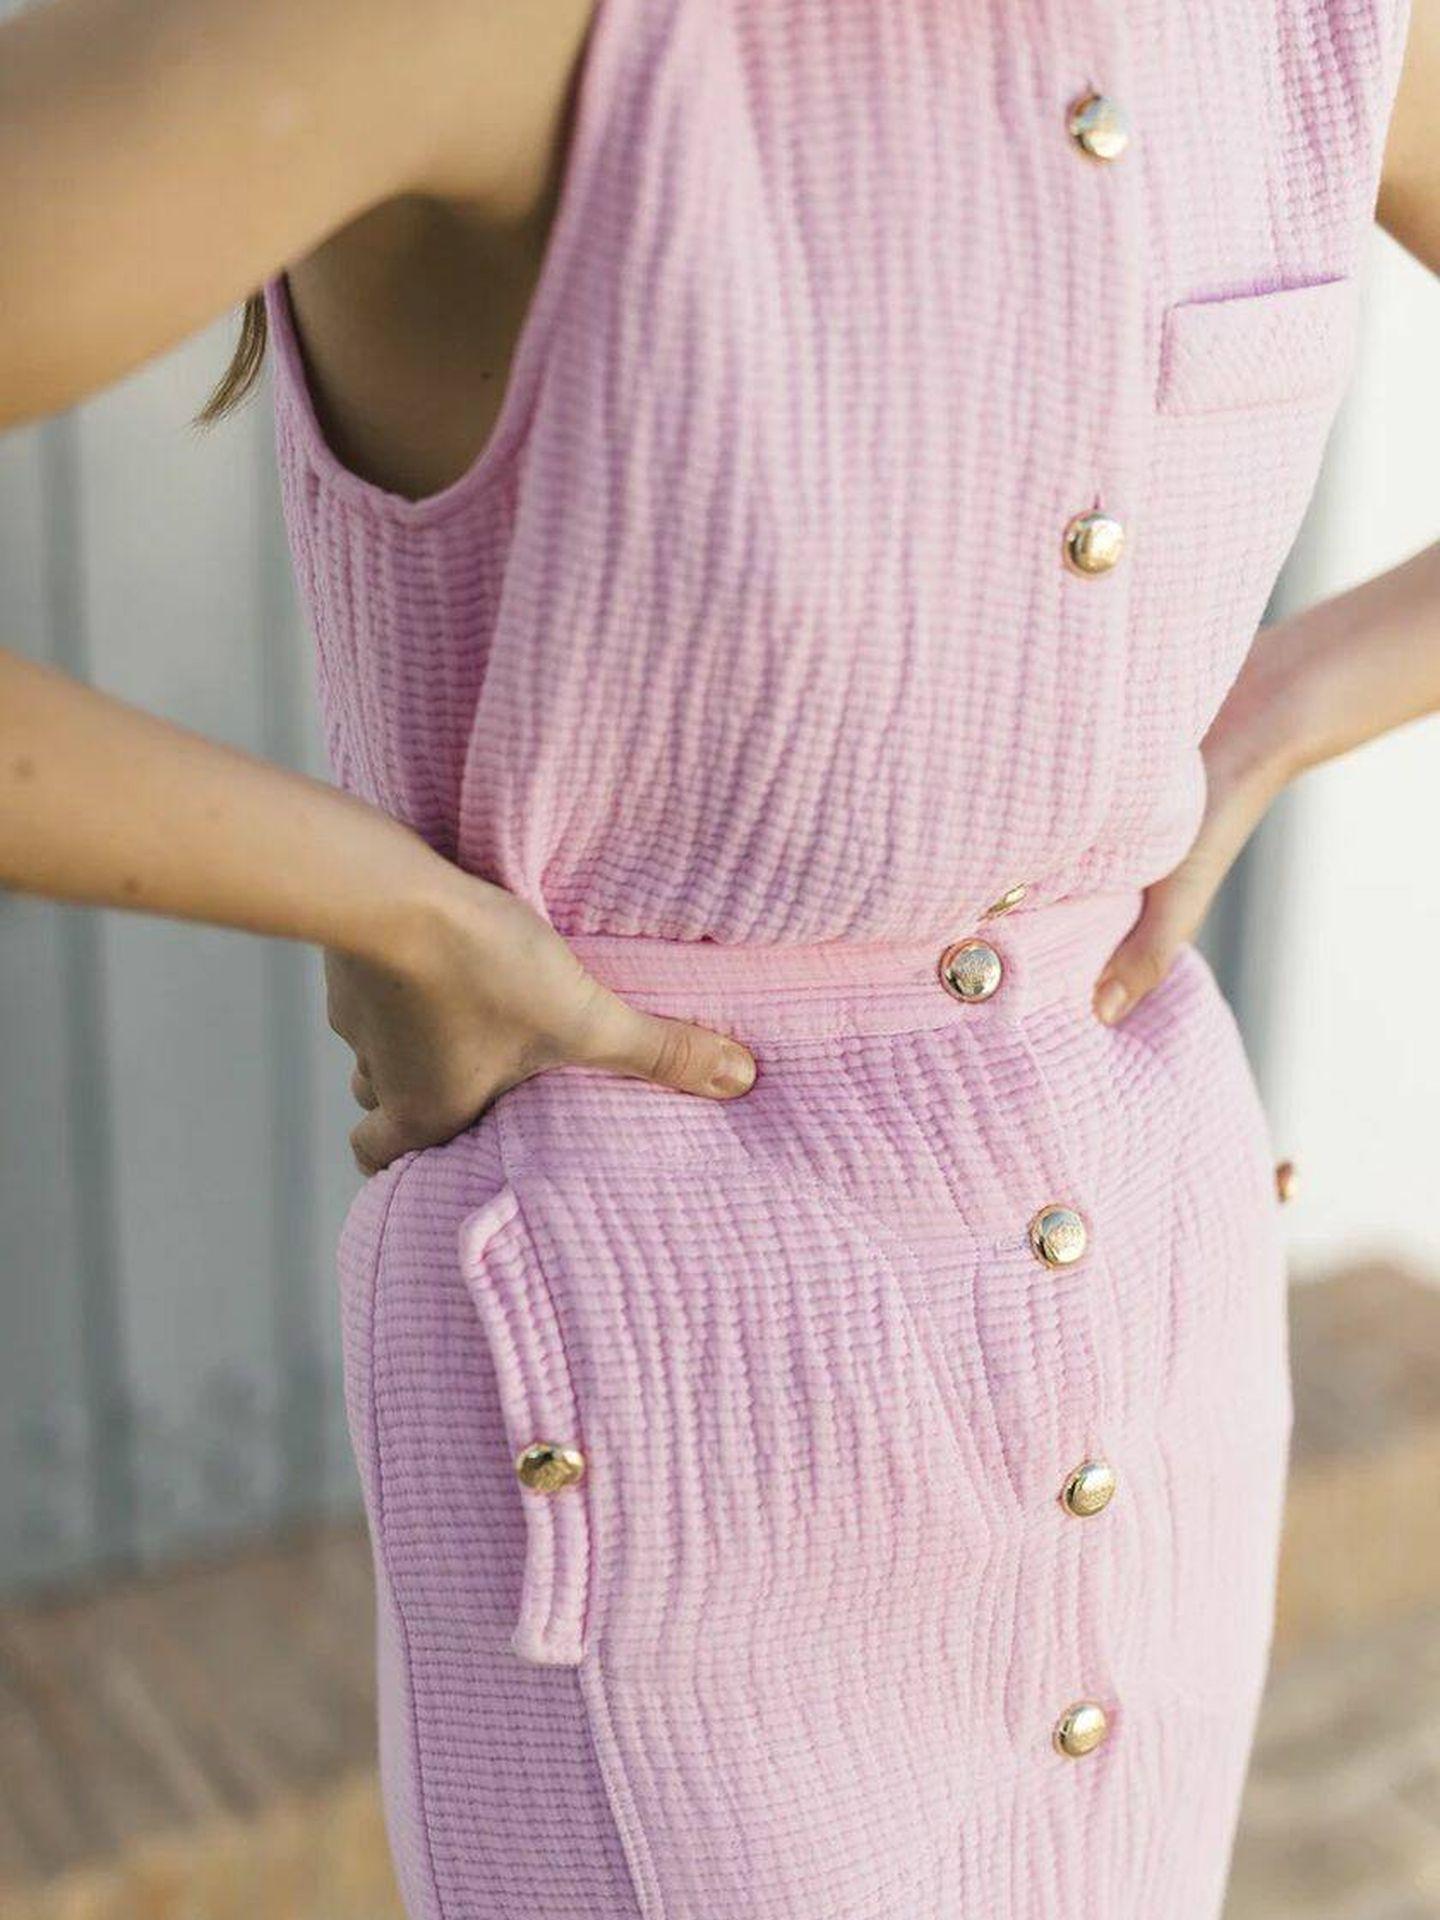 Falda modelo Onassis de la marca Josephine Clothing. (Cortesía)